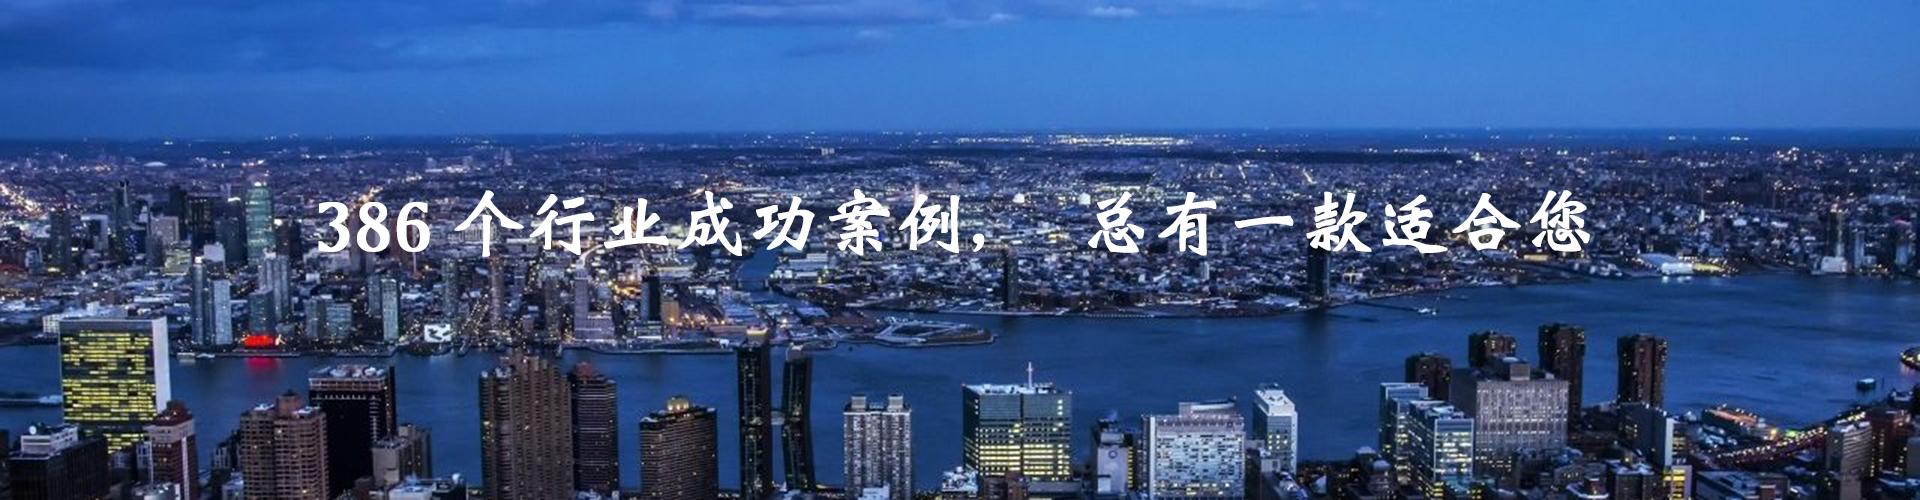 """景智行-VR全景营销为你打开""""视""""界大门"""